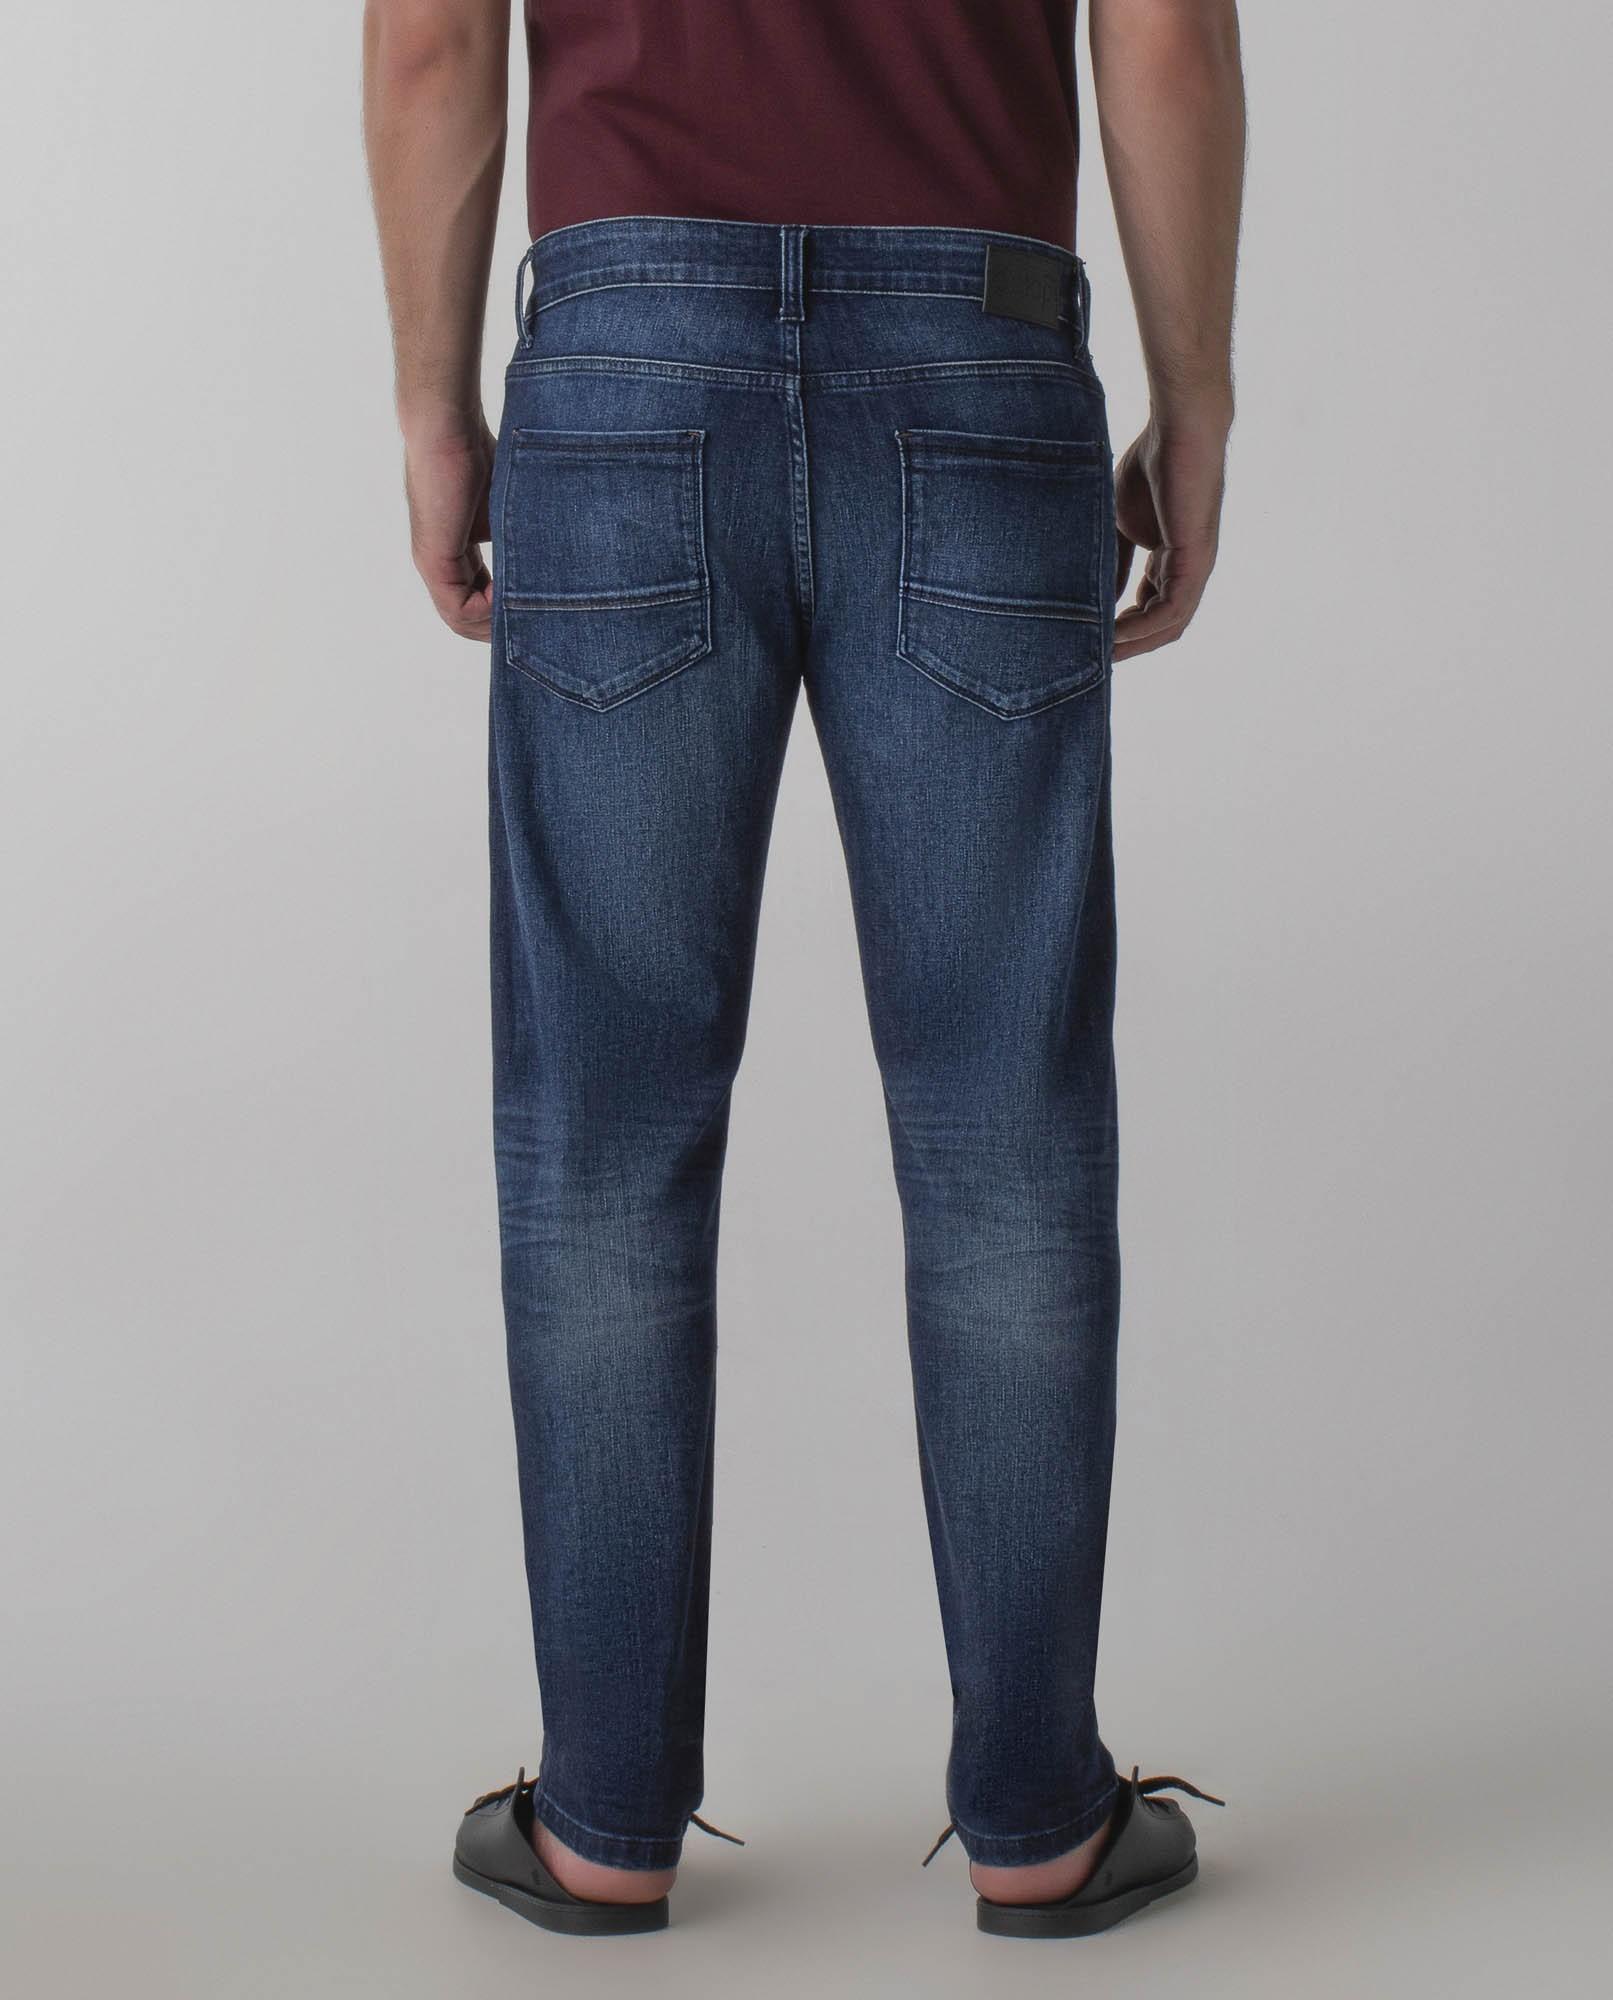 Calça jeans slim - Wave